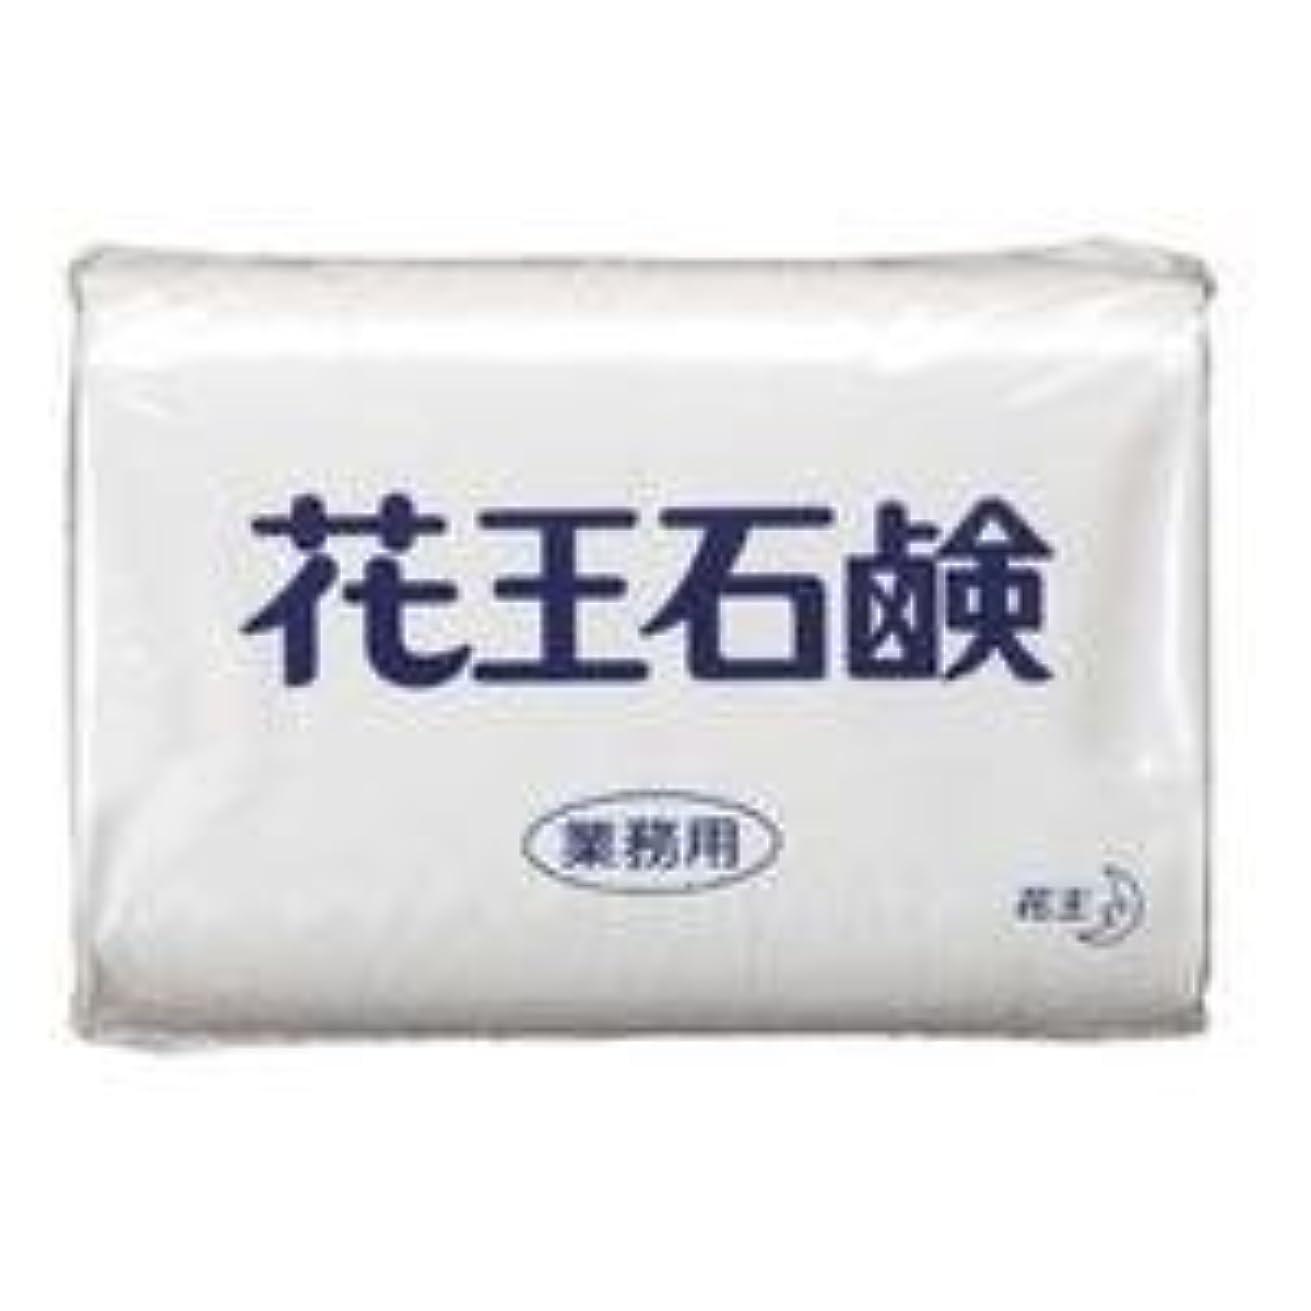 明らかにいたずら積分業務用石鹸 85g 3個×40パック(120個入り)